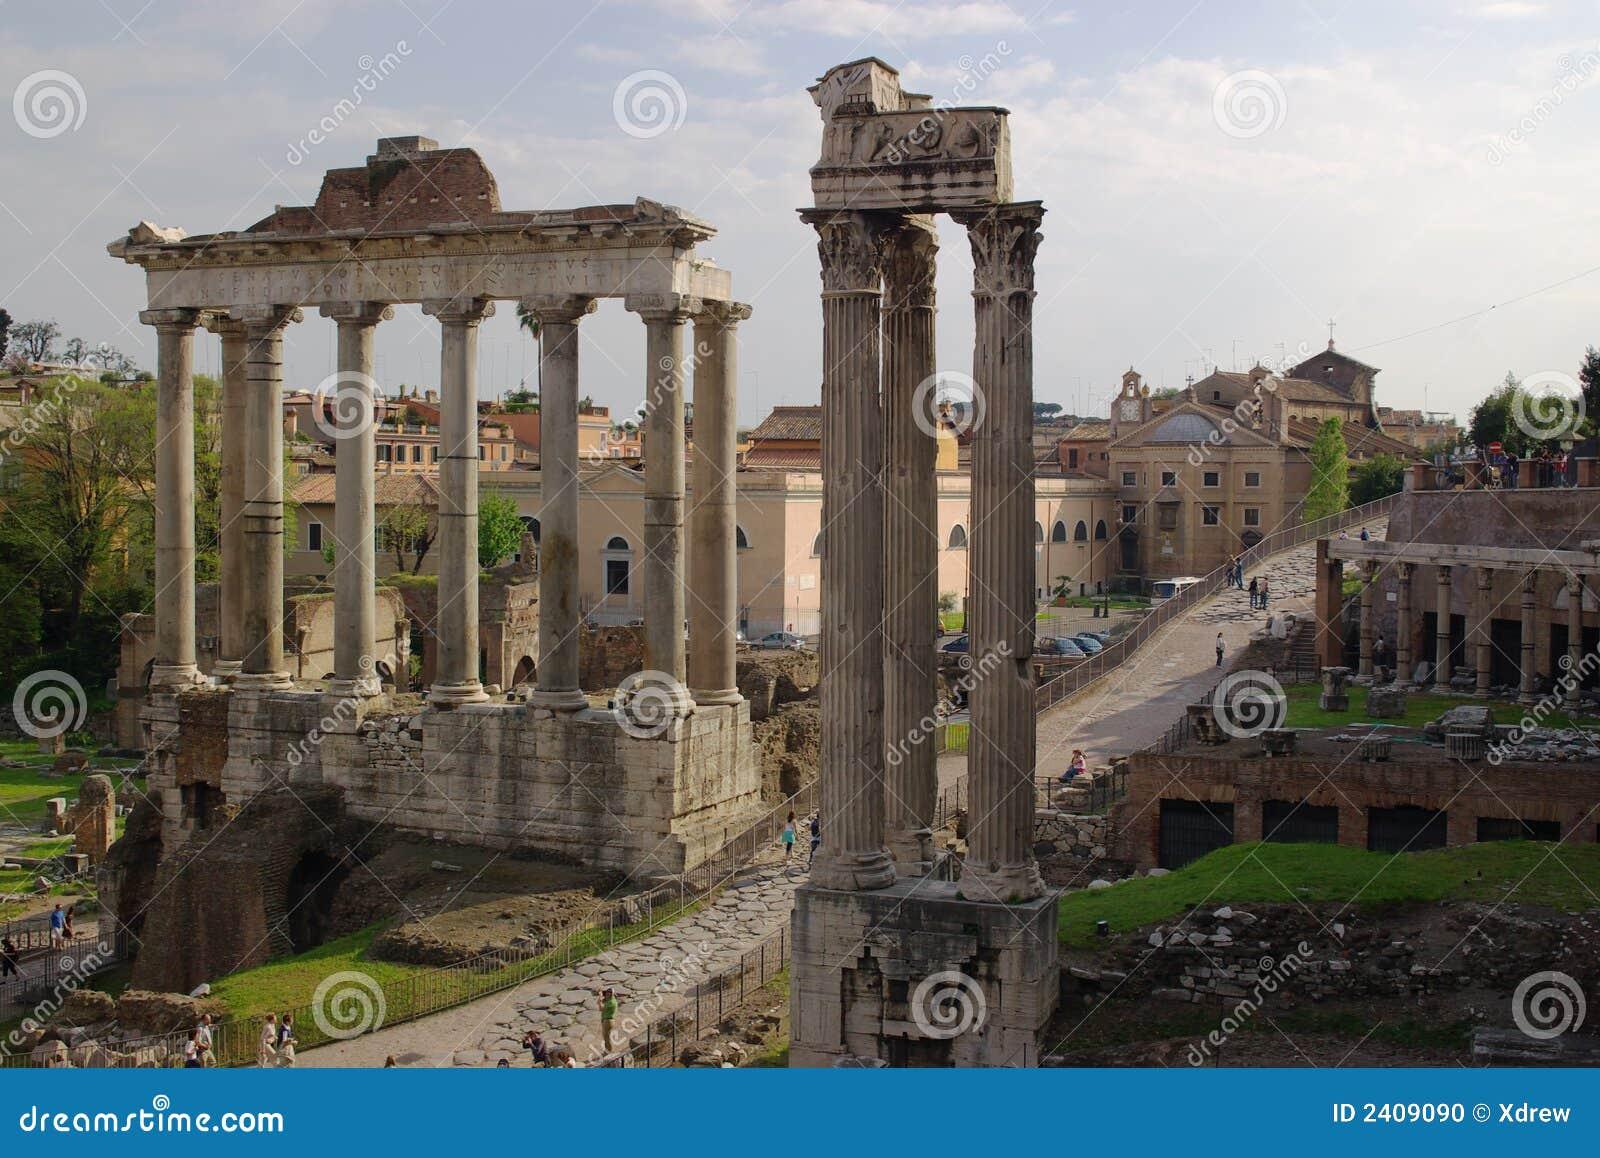 Ancient Roman Architecture Columns Ancient Roman Columns